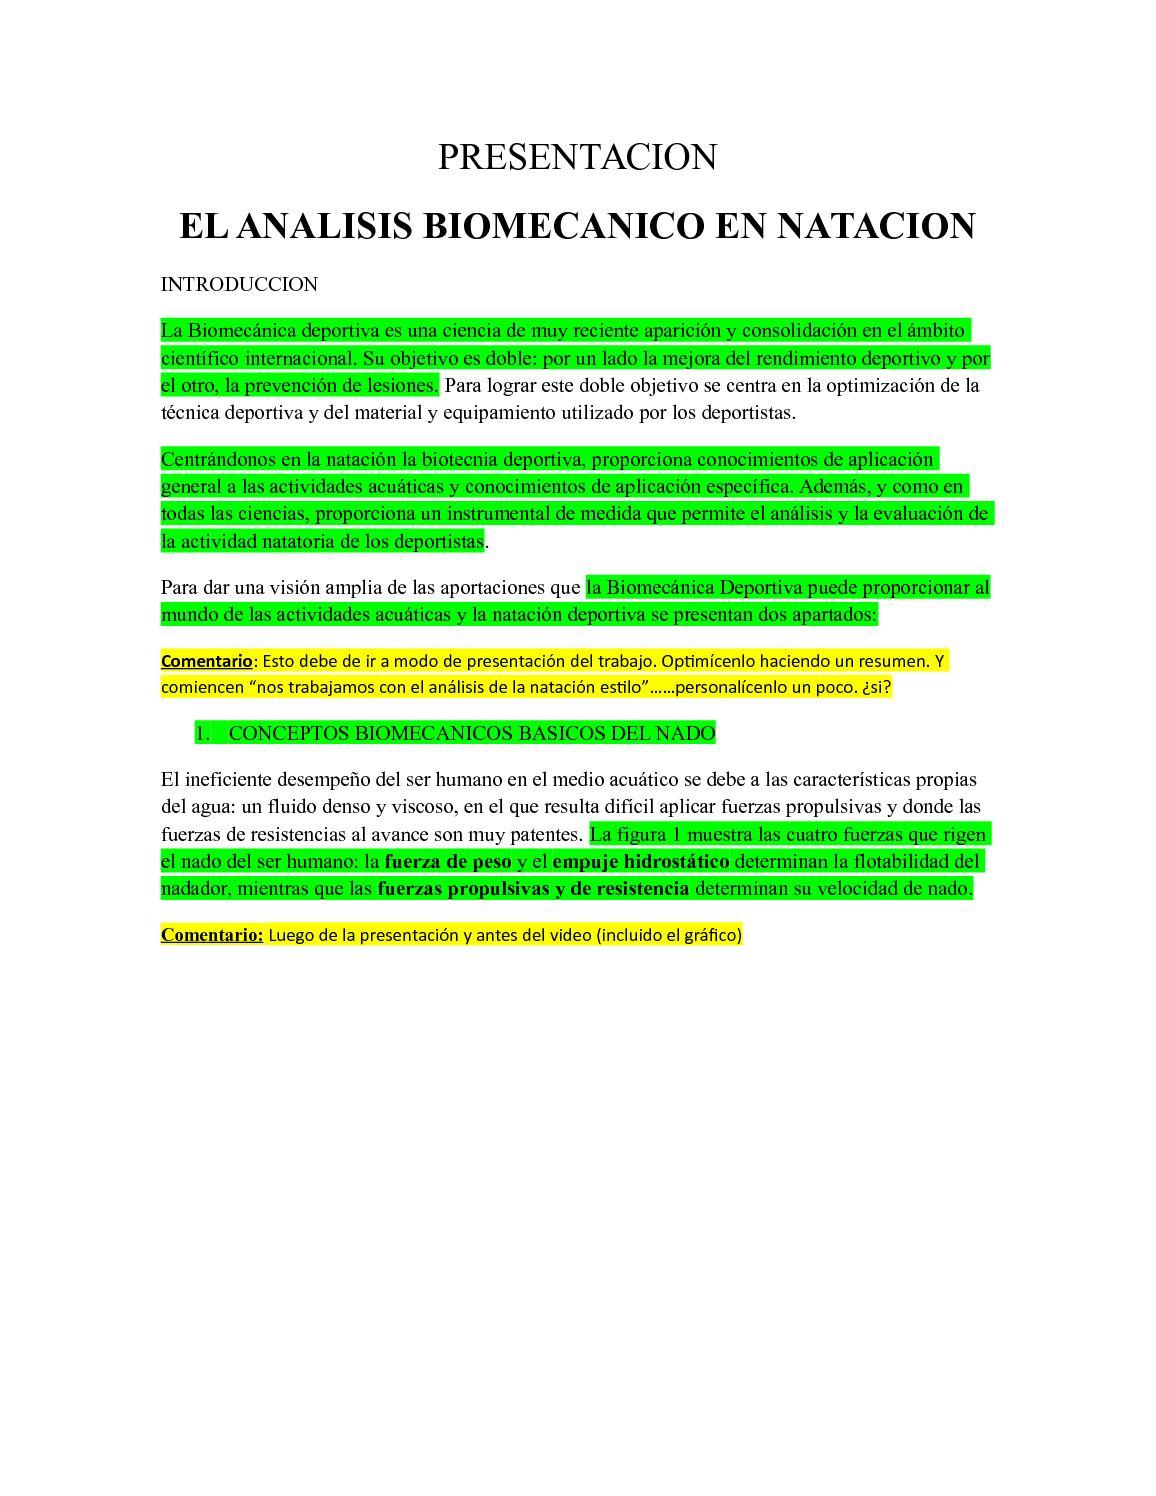 Calaméo - DESARROLLO TEÓRICO INFORMATIVO - NATACIÓN